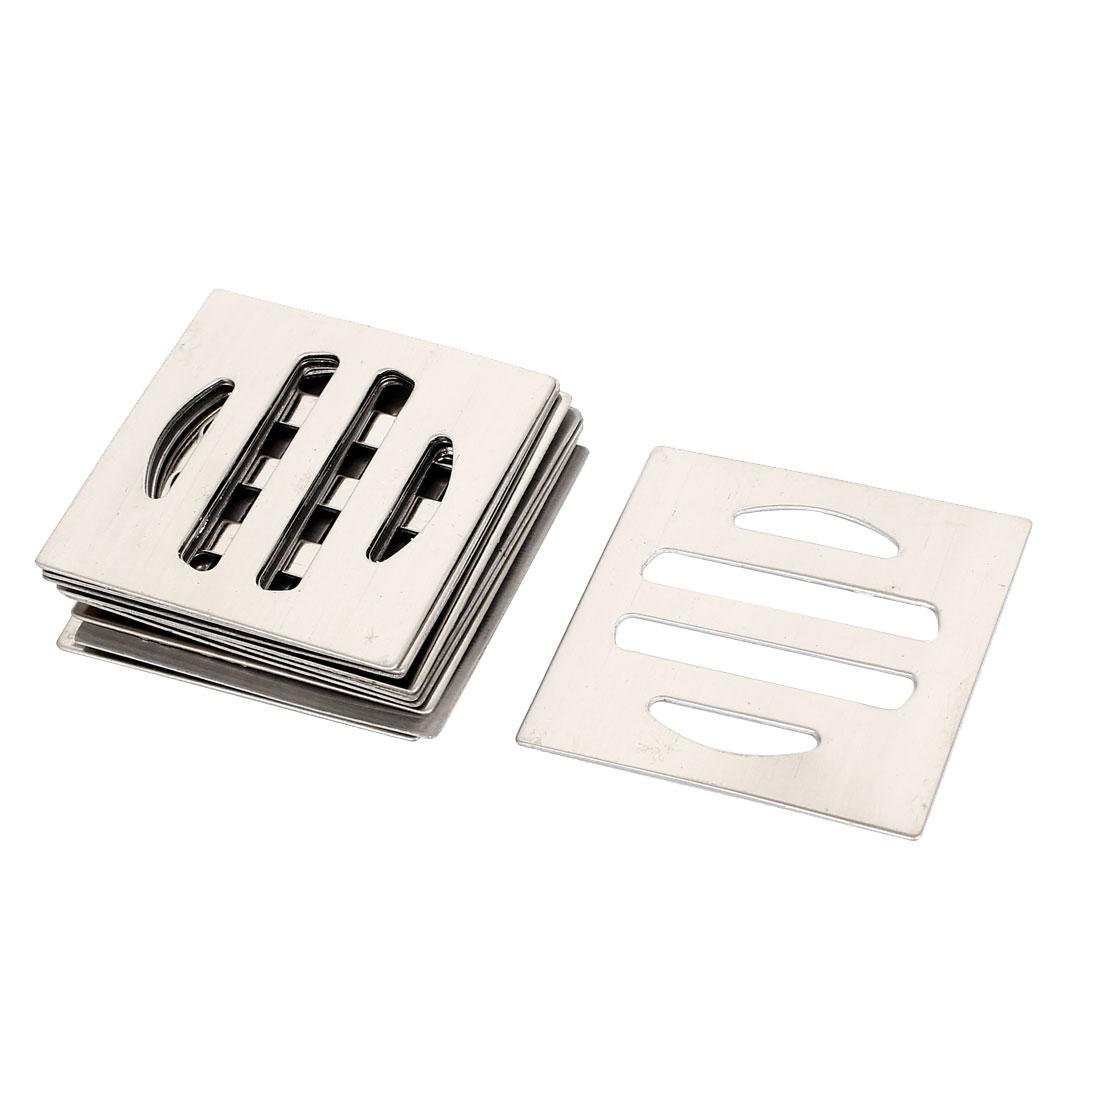 5cm x 5cm Width Metal Water Leak Floor Drain Grate Cover 10 Pcs